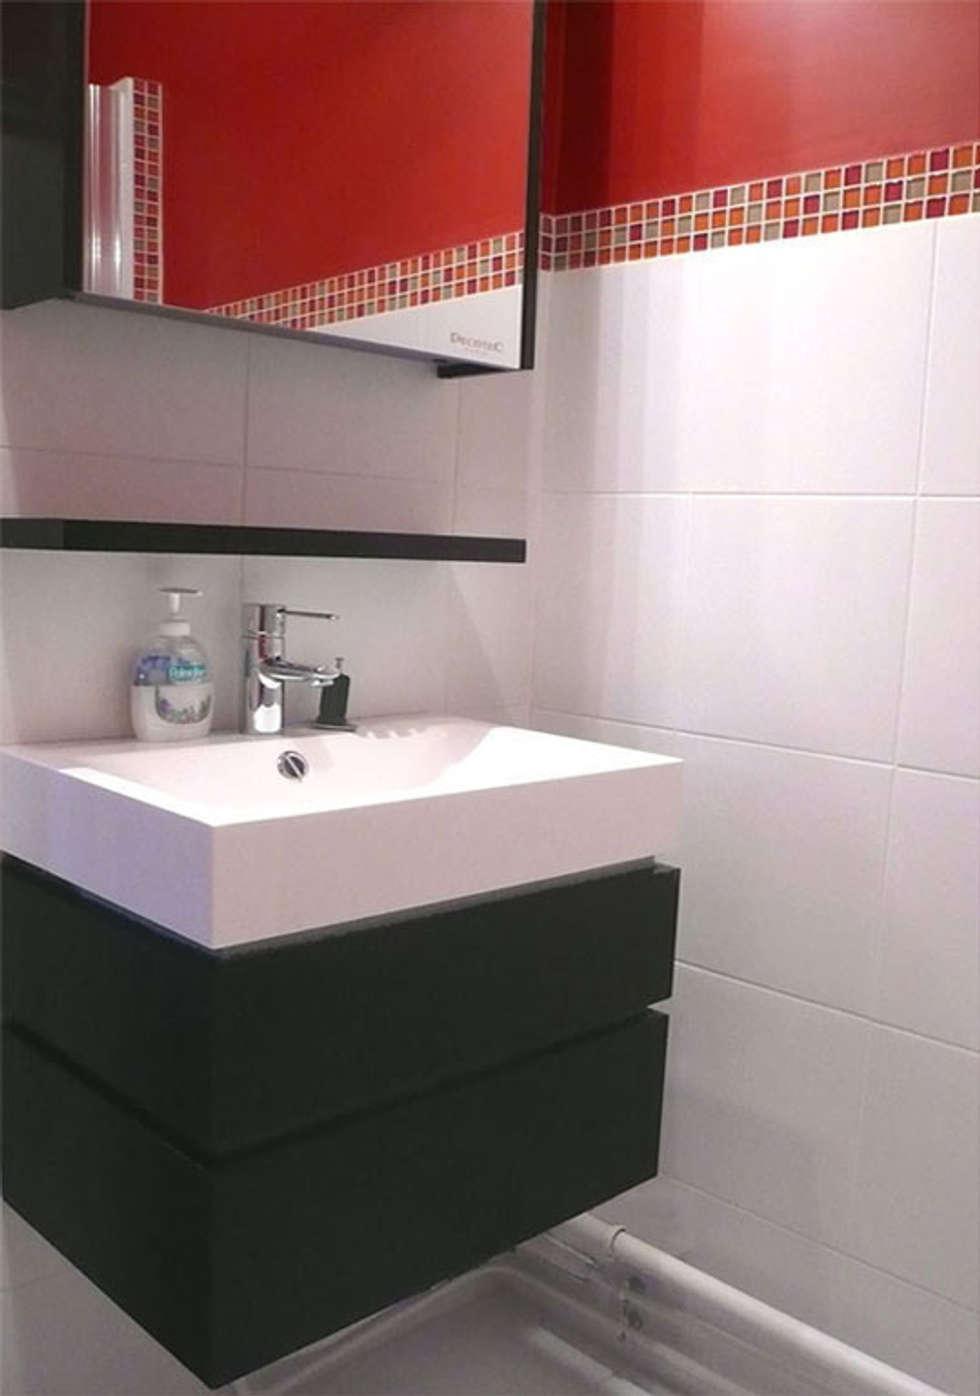 Salle de bain à Houilles: Salle de bains de style  par Delphine Gaillard Decoration